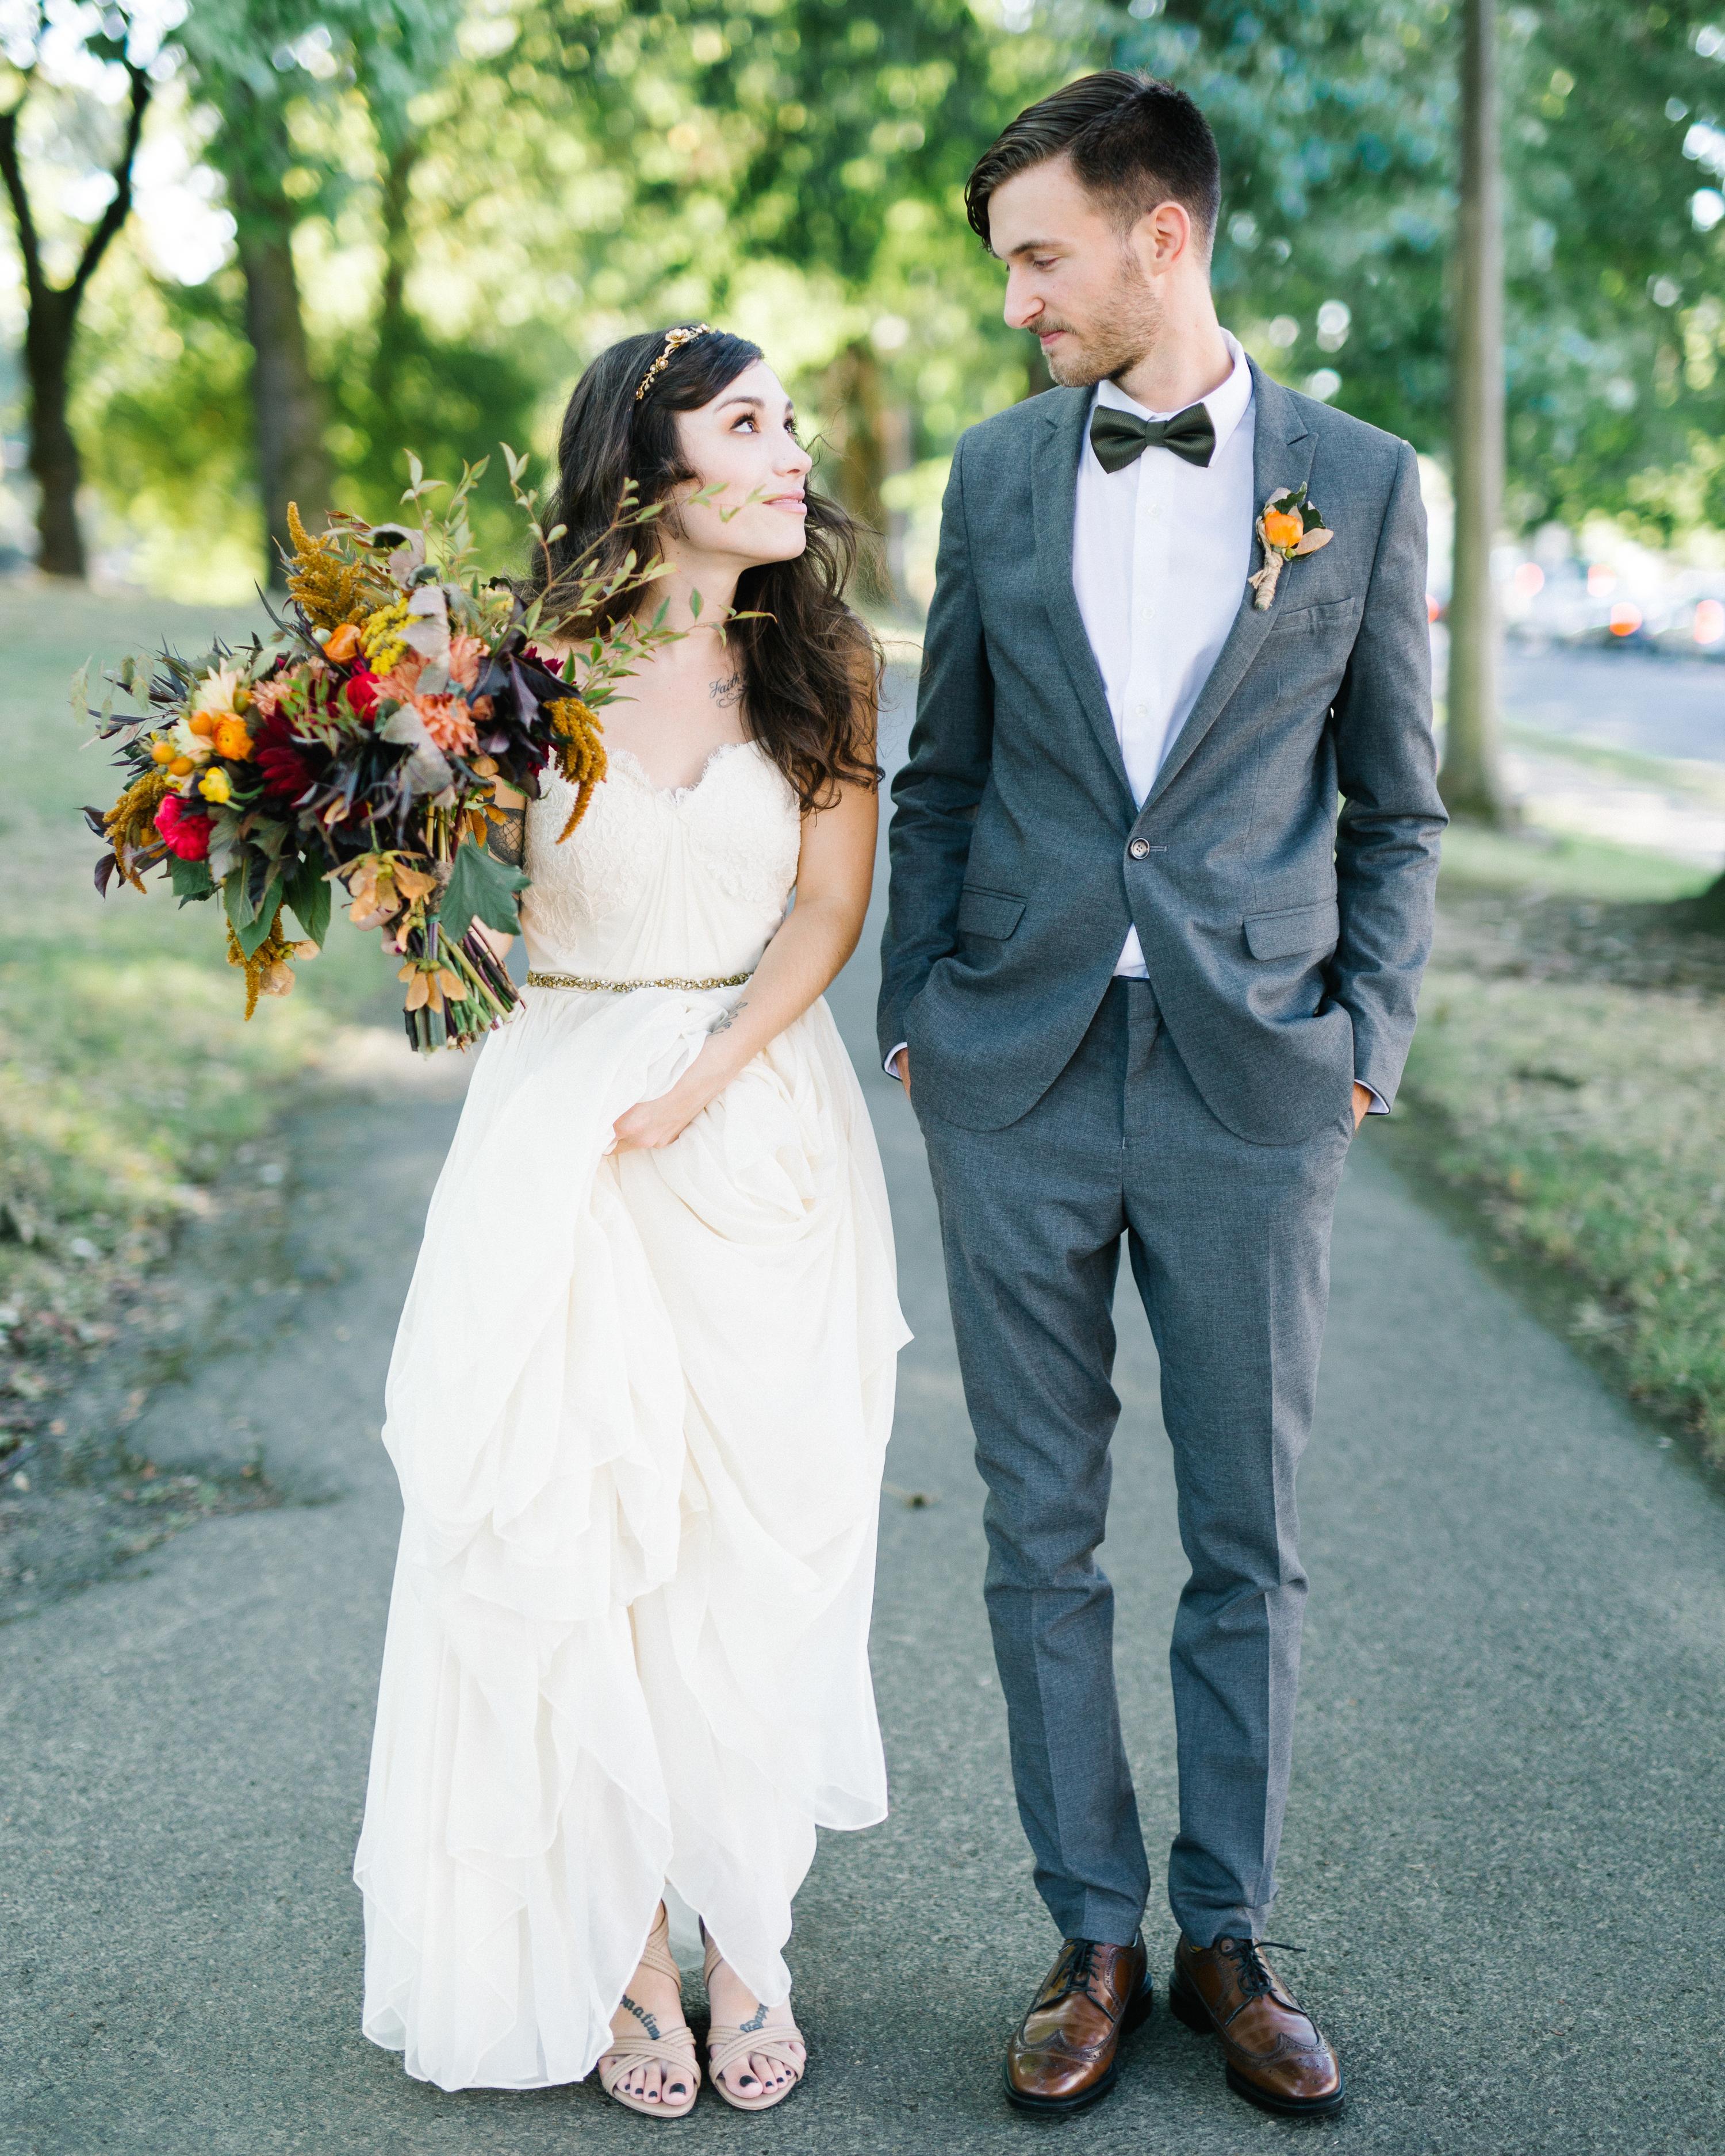 marguerita-aaron-wedding-couple-182-s111848-0214.jpg